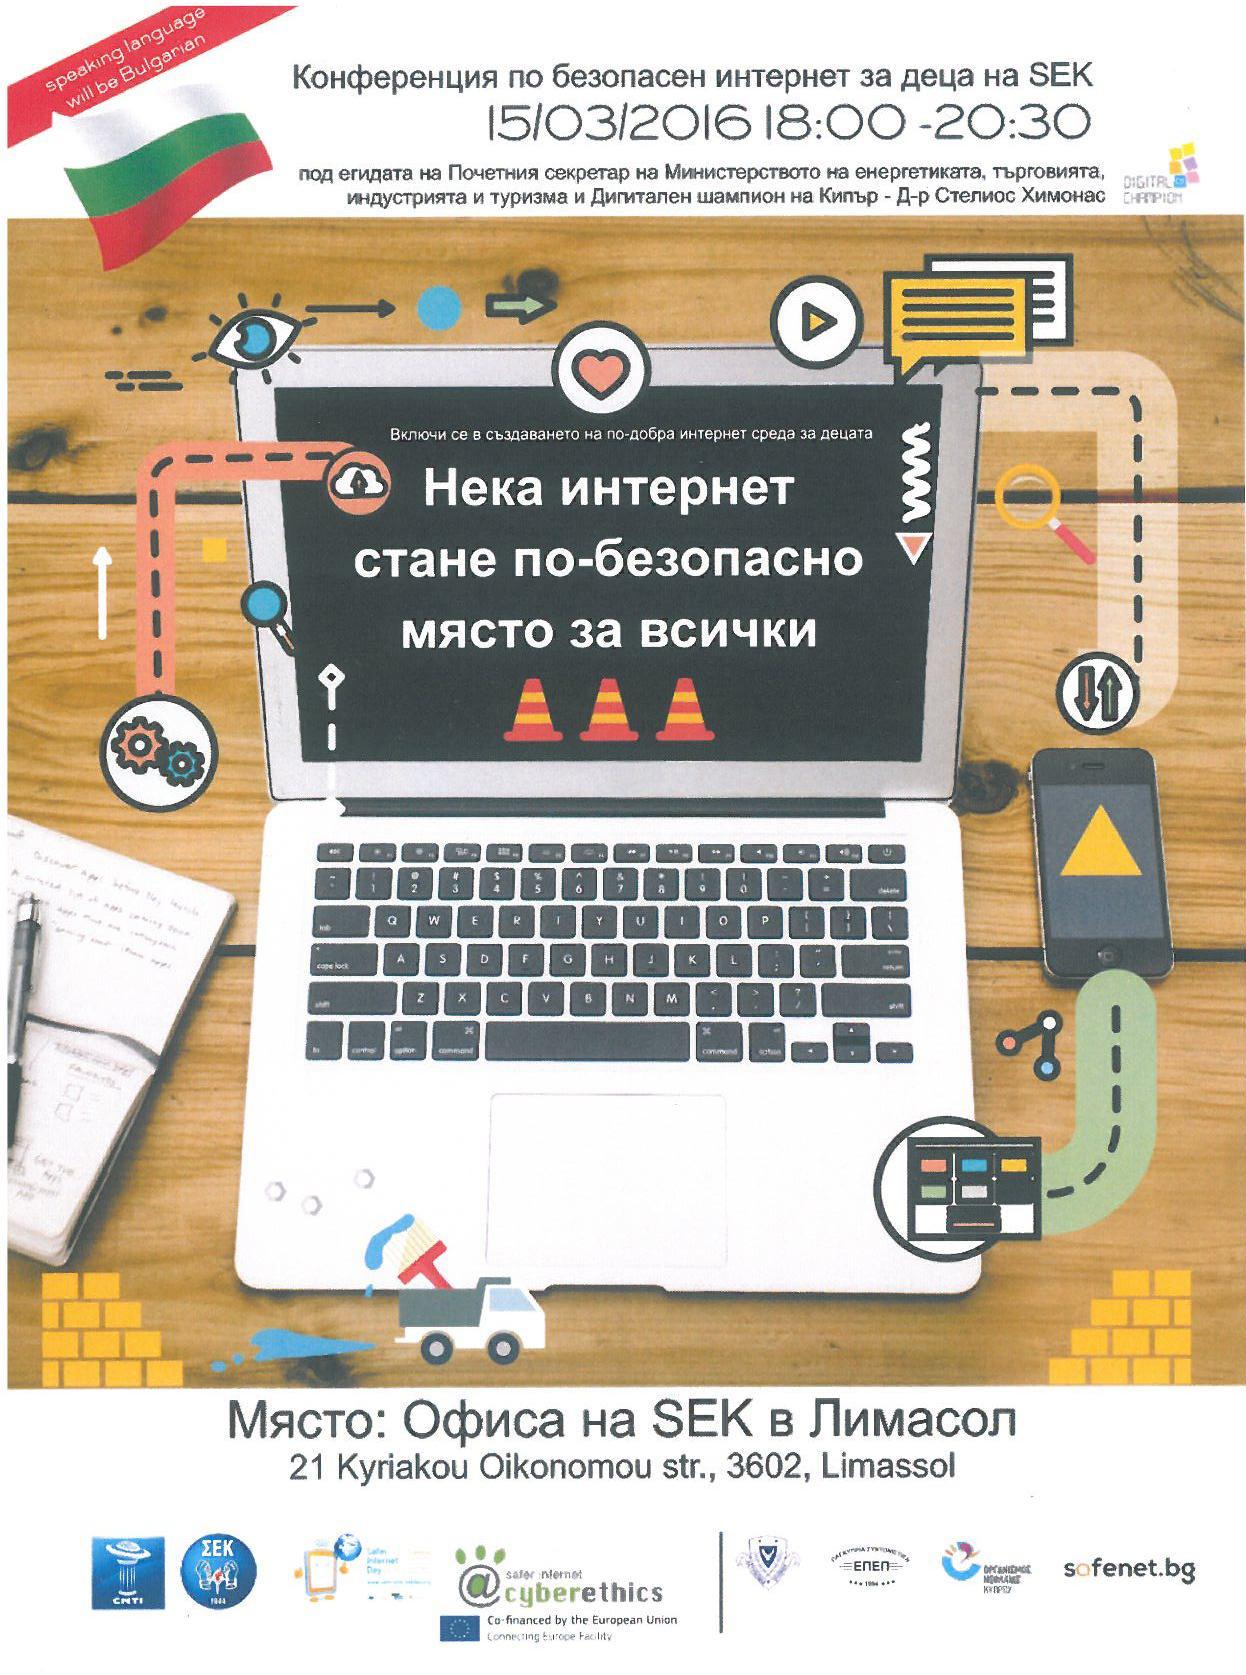 Конференция за безопасен интернет СЕК